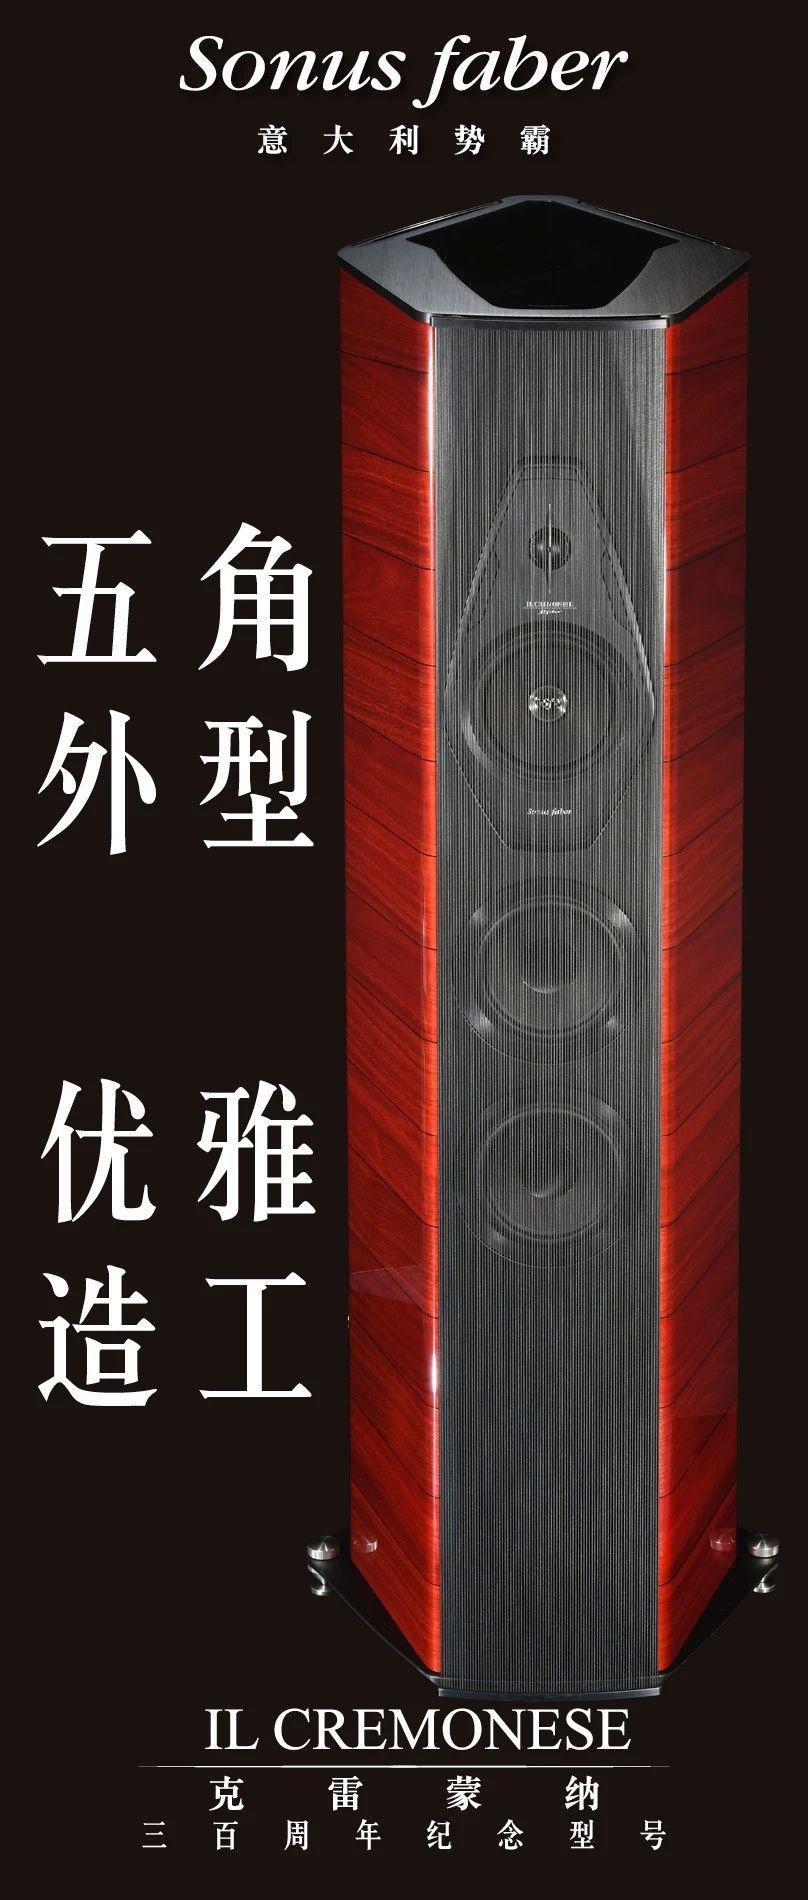 640 142 - 测评报告   IL CREMONESE克雷蒙纳三百周年纪念版落地式音箱